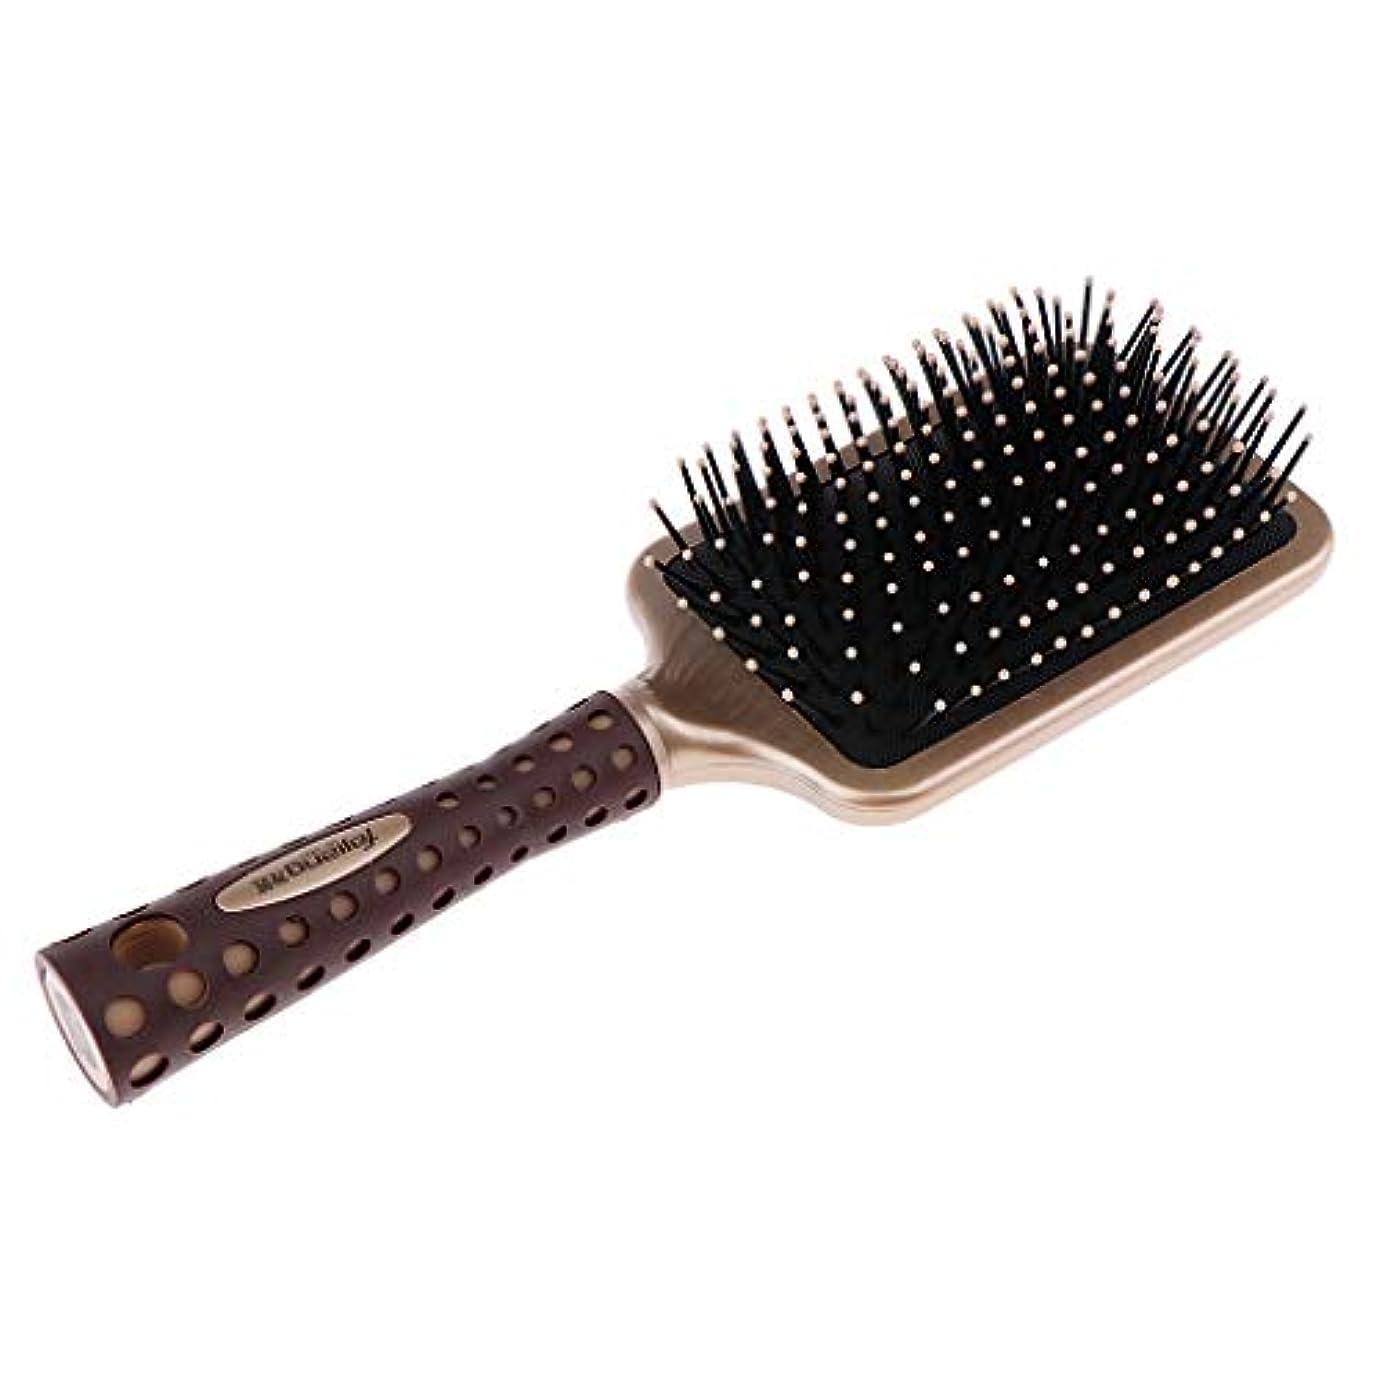 カセット補償バルセロナ静電防止櫛 クッションヘアブラシ 頭皮マッサージ プロ ヘアーサロン 美容師 2サイズ選べ - L